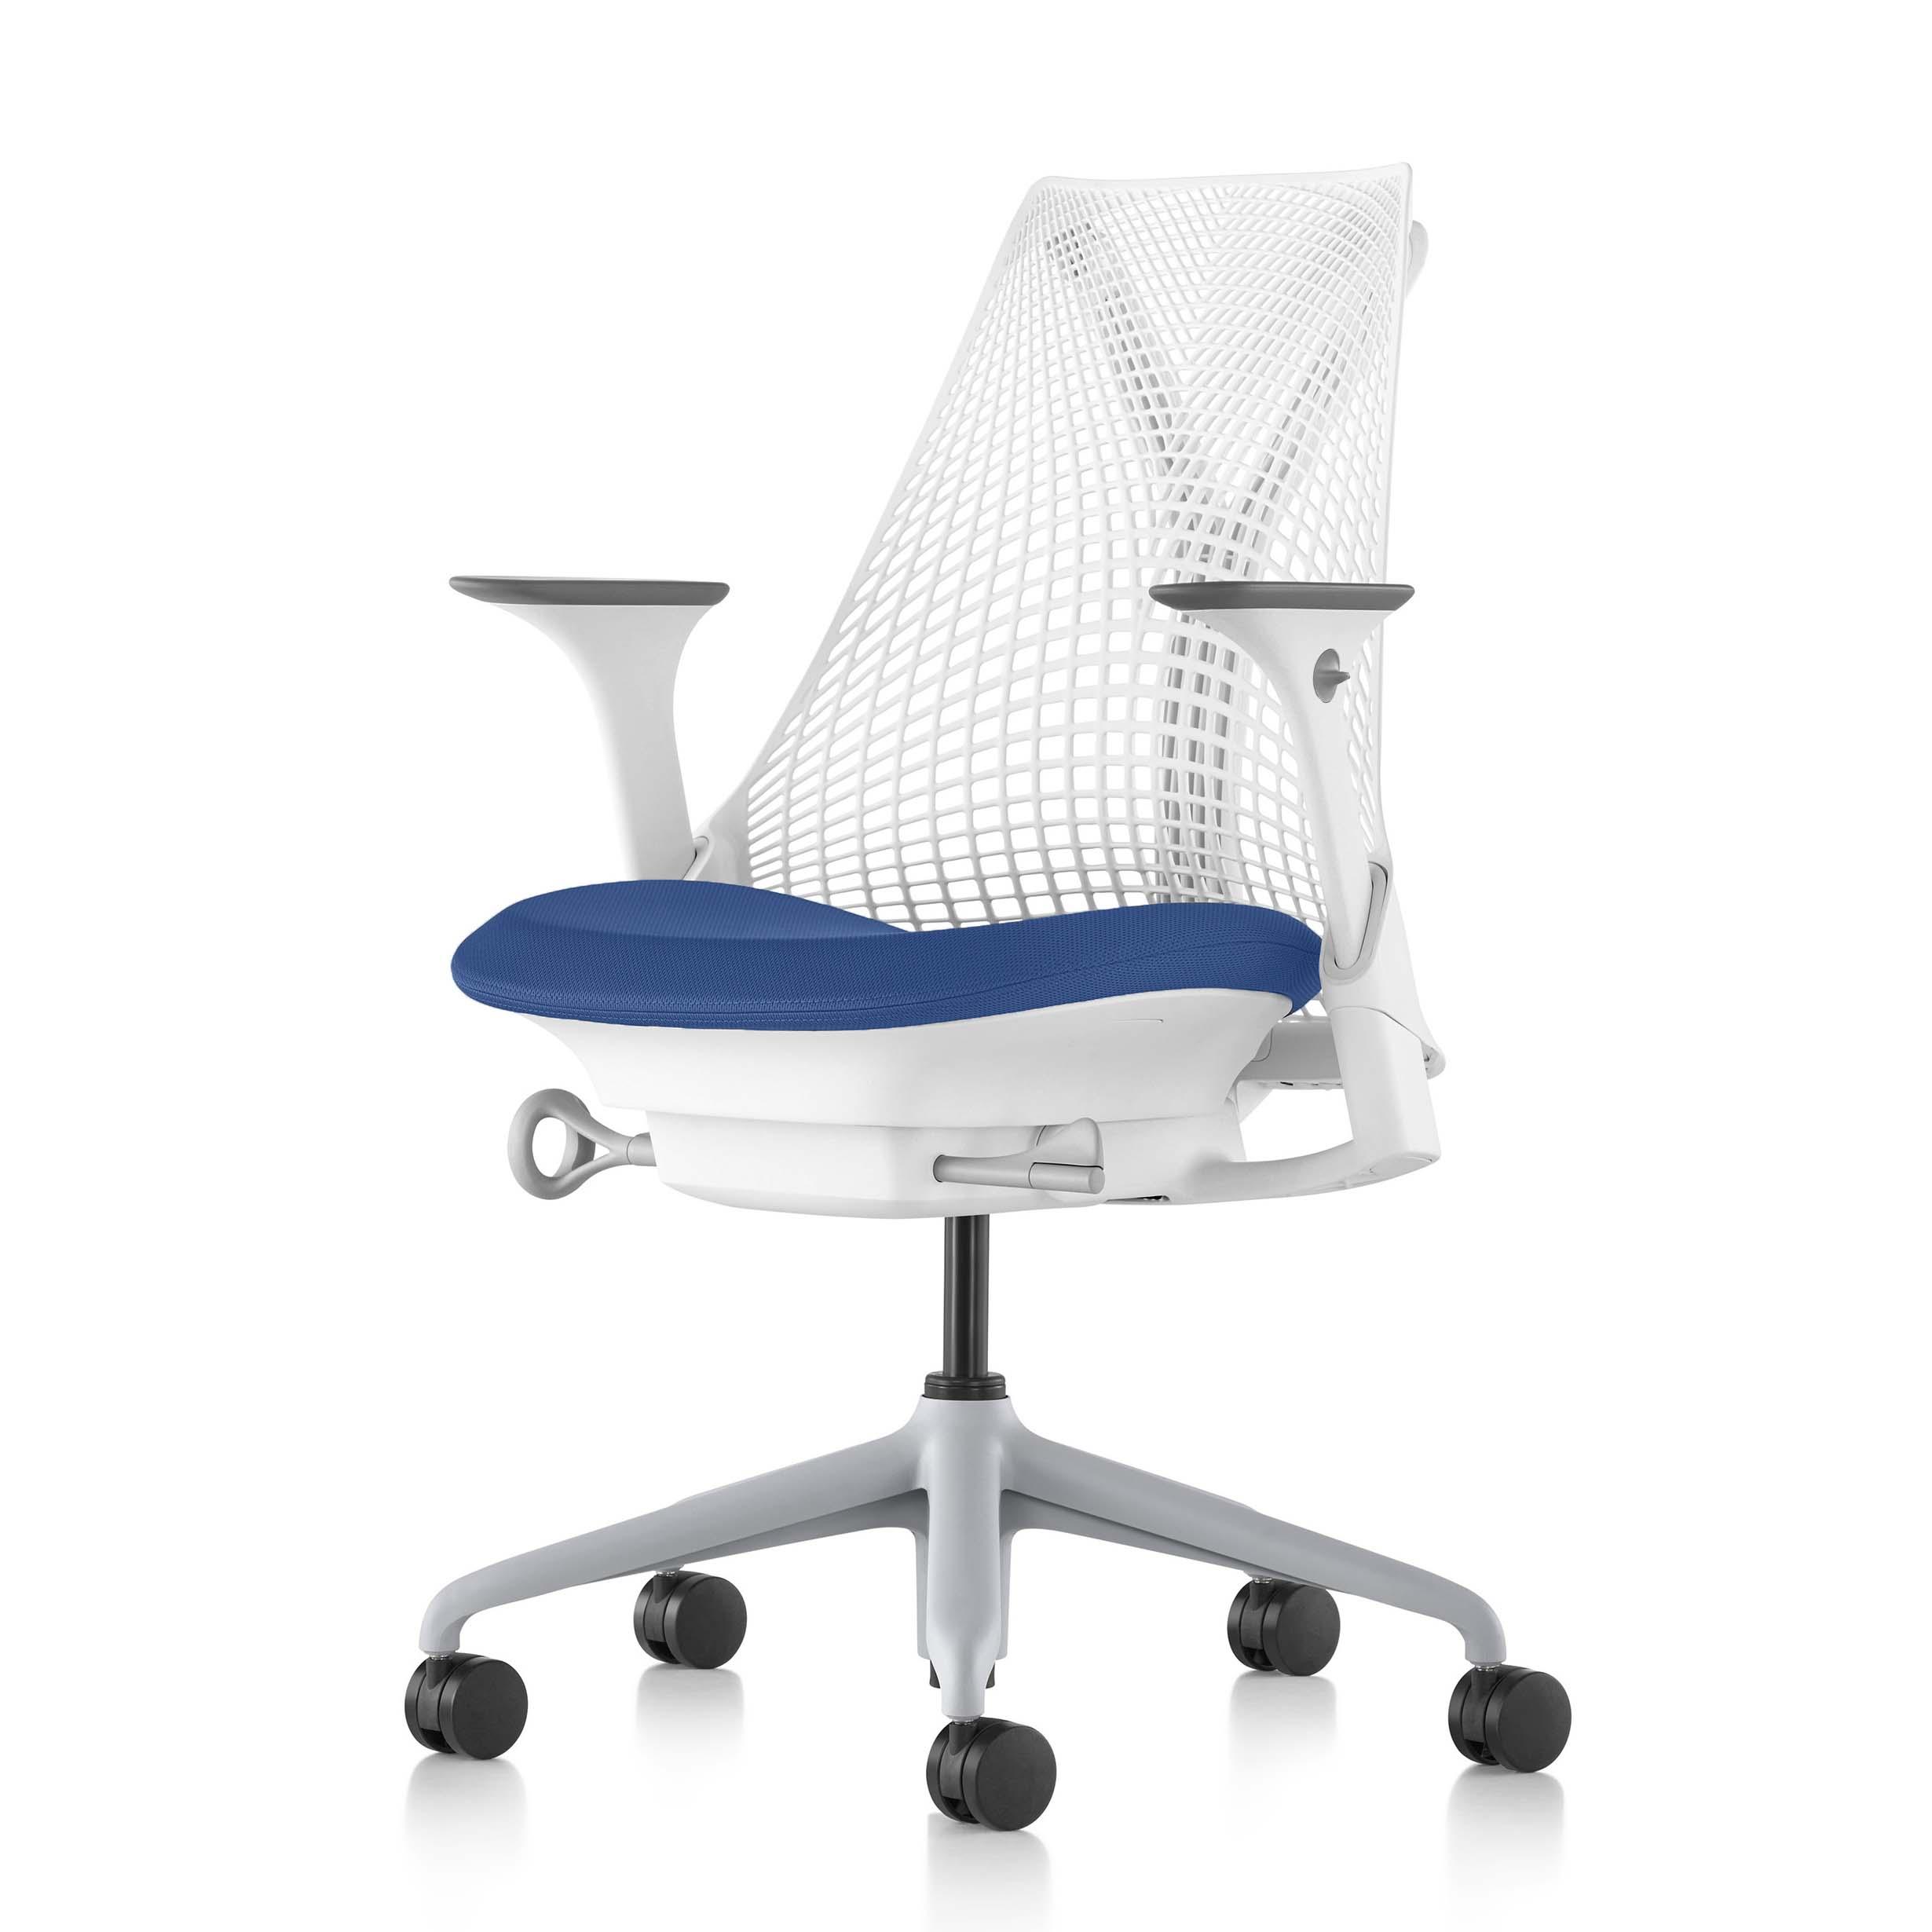 【ハーマンミラー正規販売店】セイルチェア Sayl Chair 別注仕様 ホワイト&プール